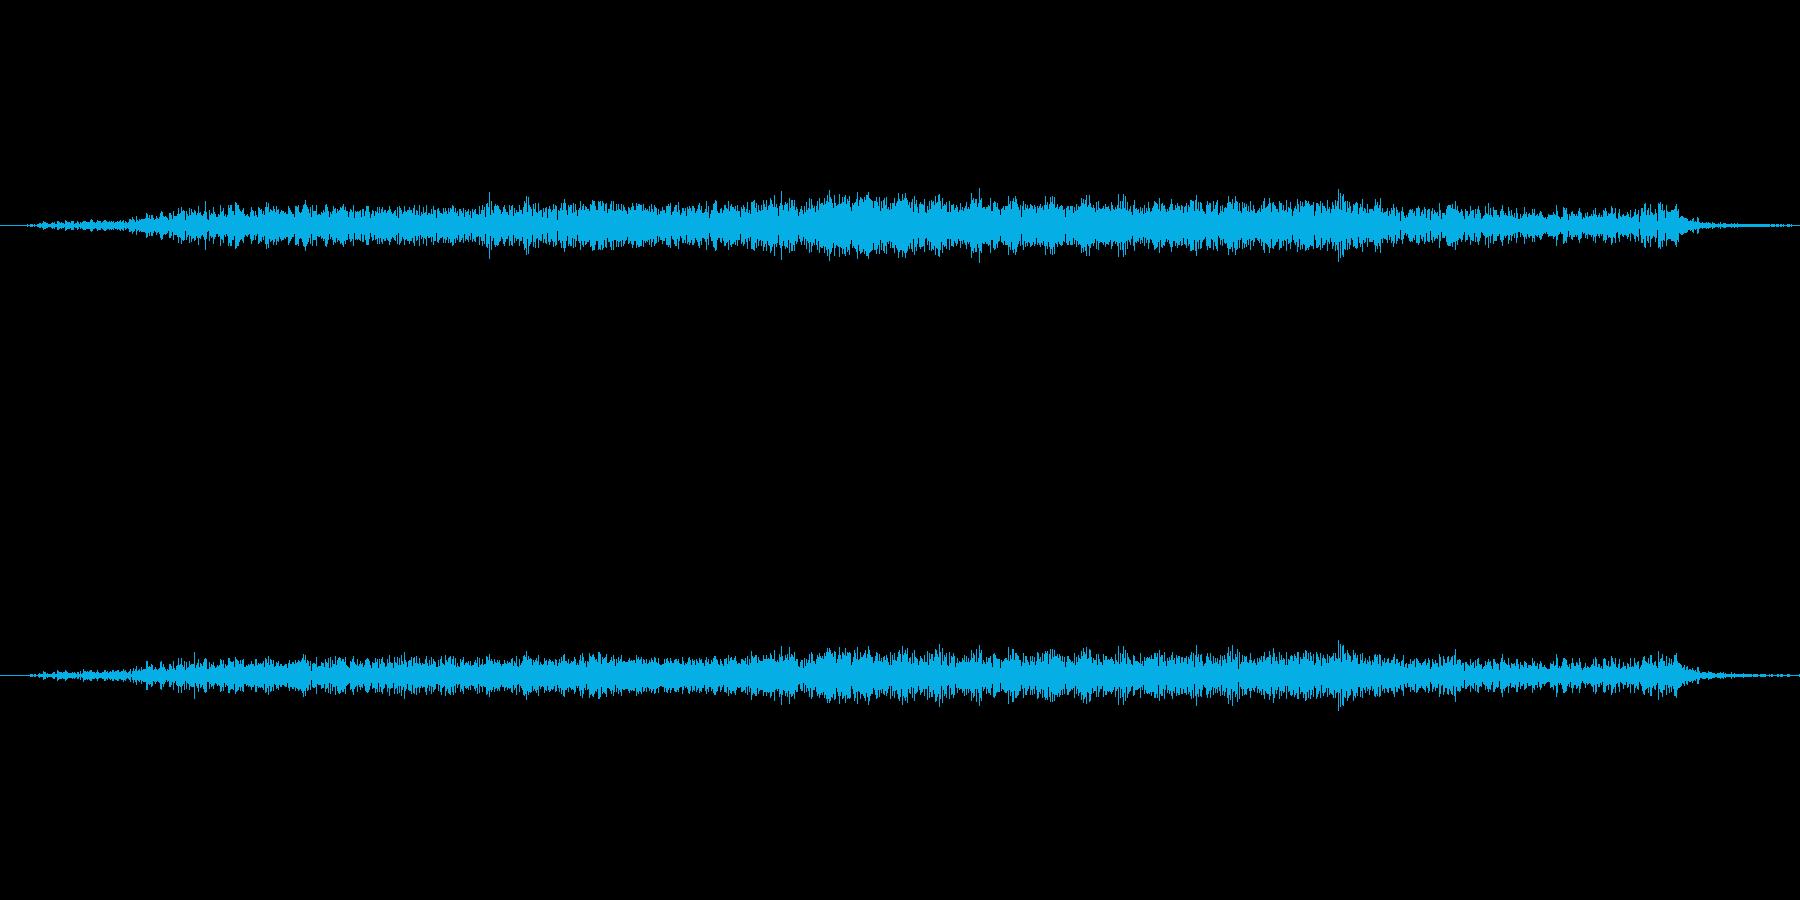 ウィーンッ…小さめの機械の駆動音2の再生済みの波形